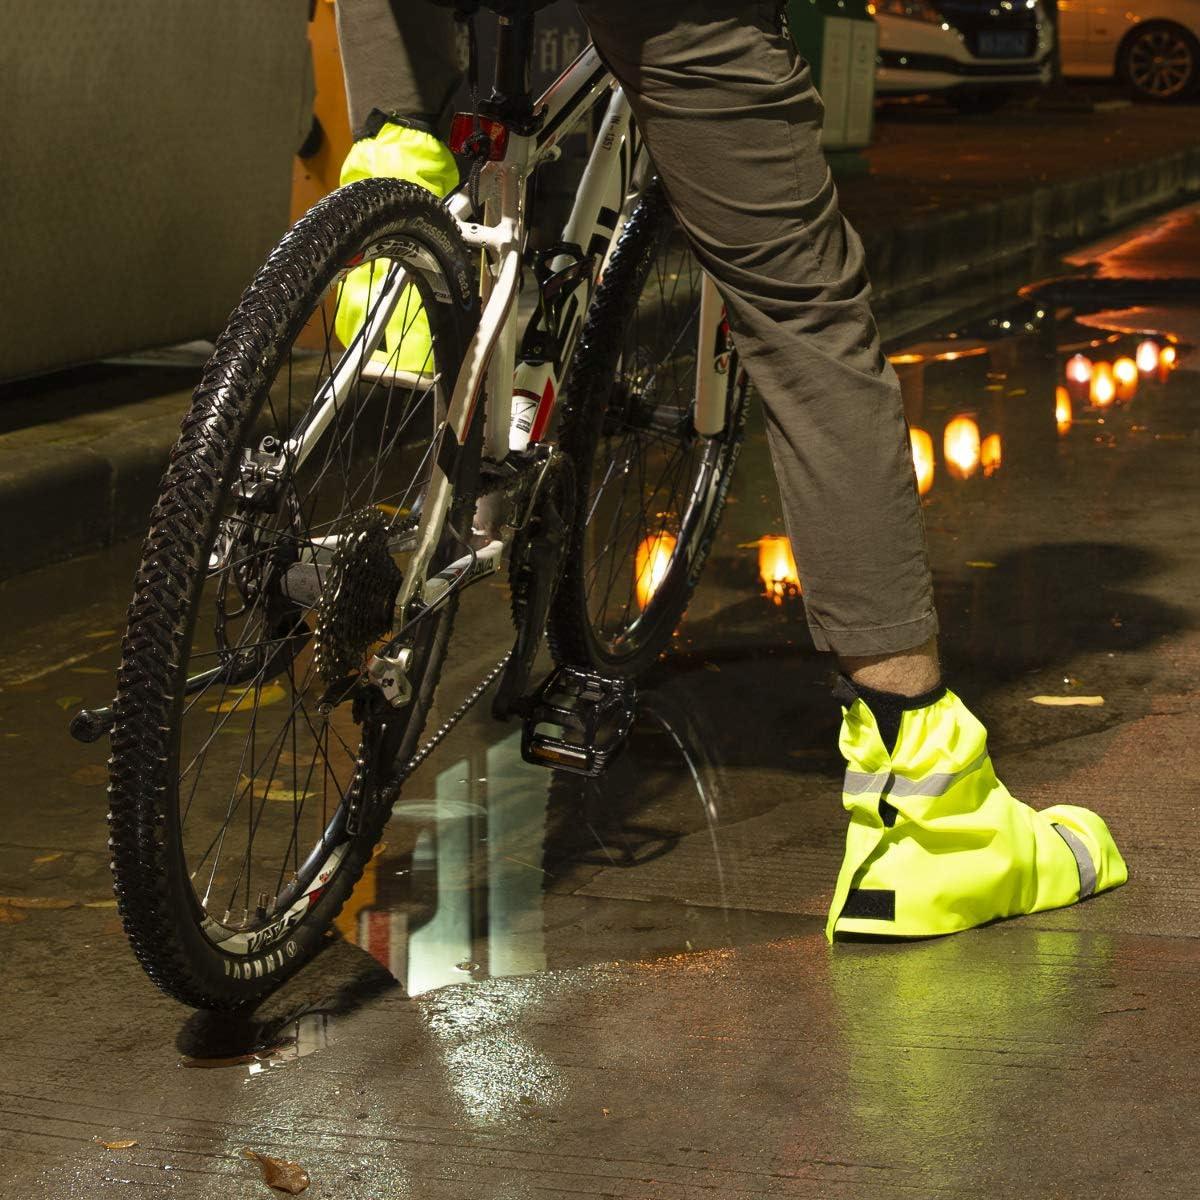 Reminnbor Copriscarpe impermeabile per stivali da pioggia Moto Scooter Bicicletta Ciclismo Copriscarpe antiscivolo impermeabili per escursioni allaperto Campeggio pesca L-Chiaro